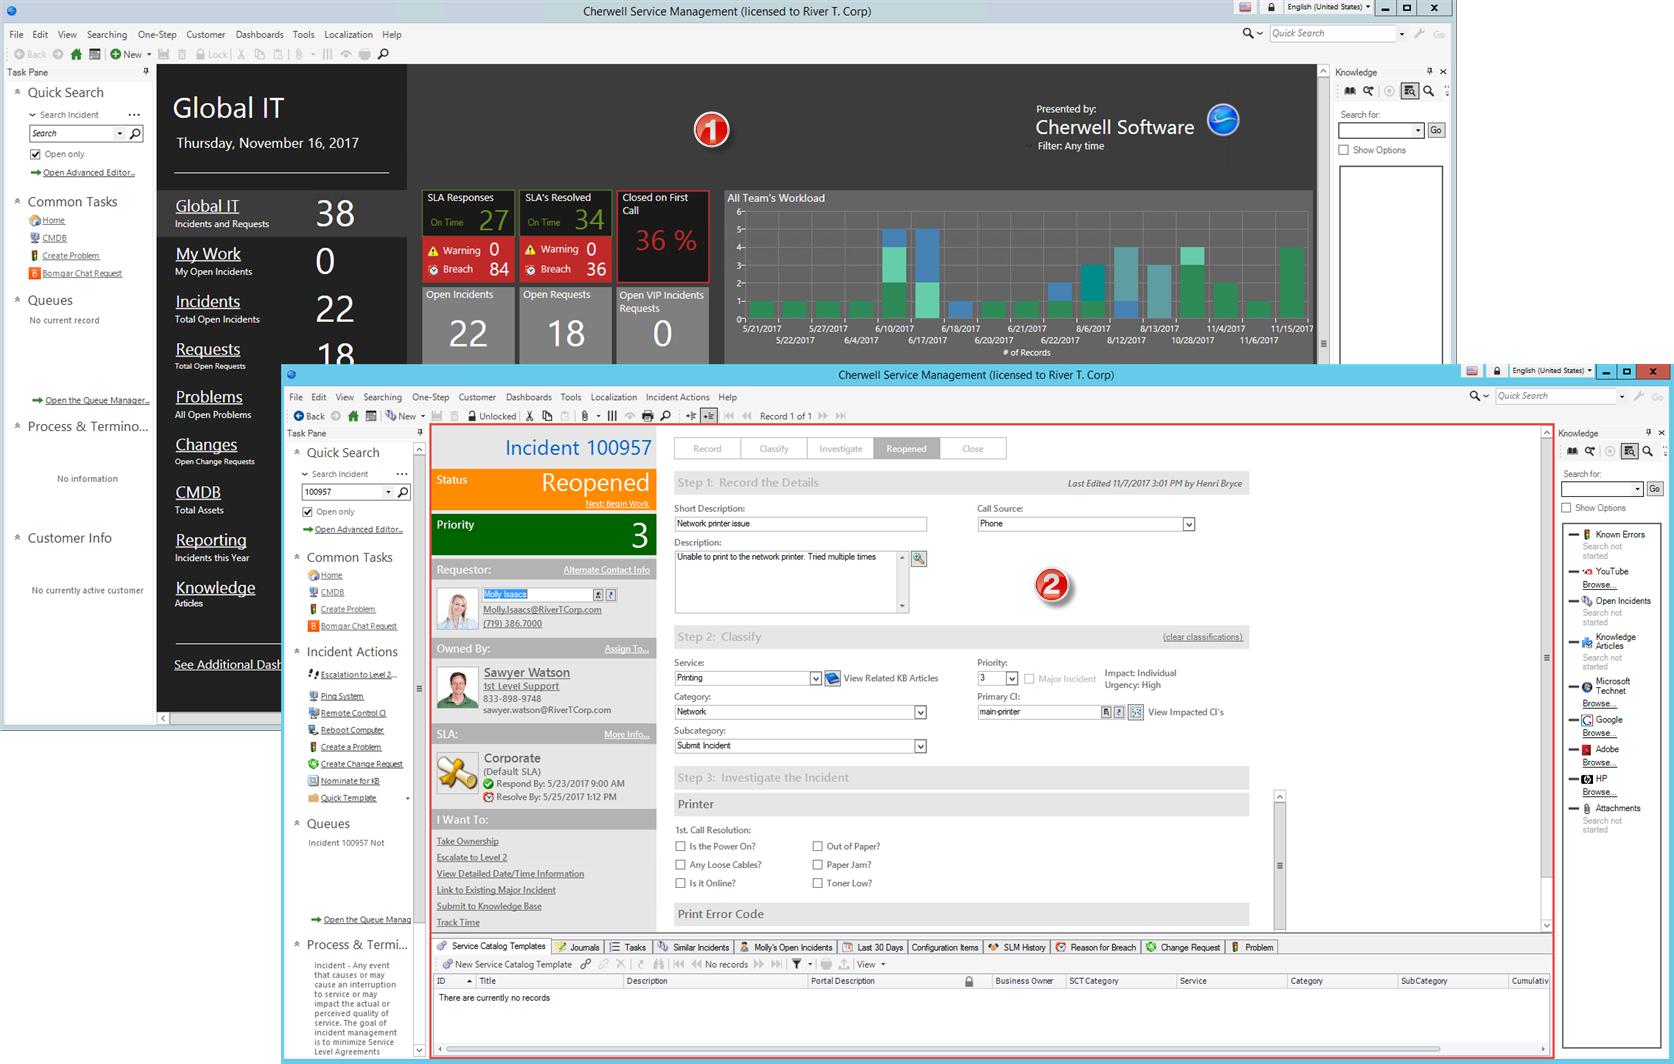 Tour the CSM Desktop Client User Interface